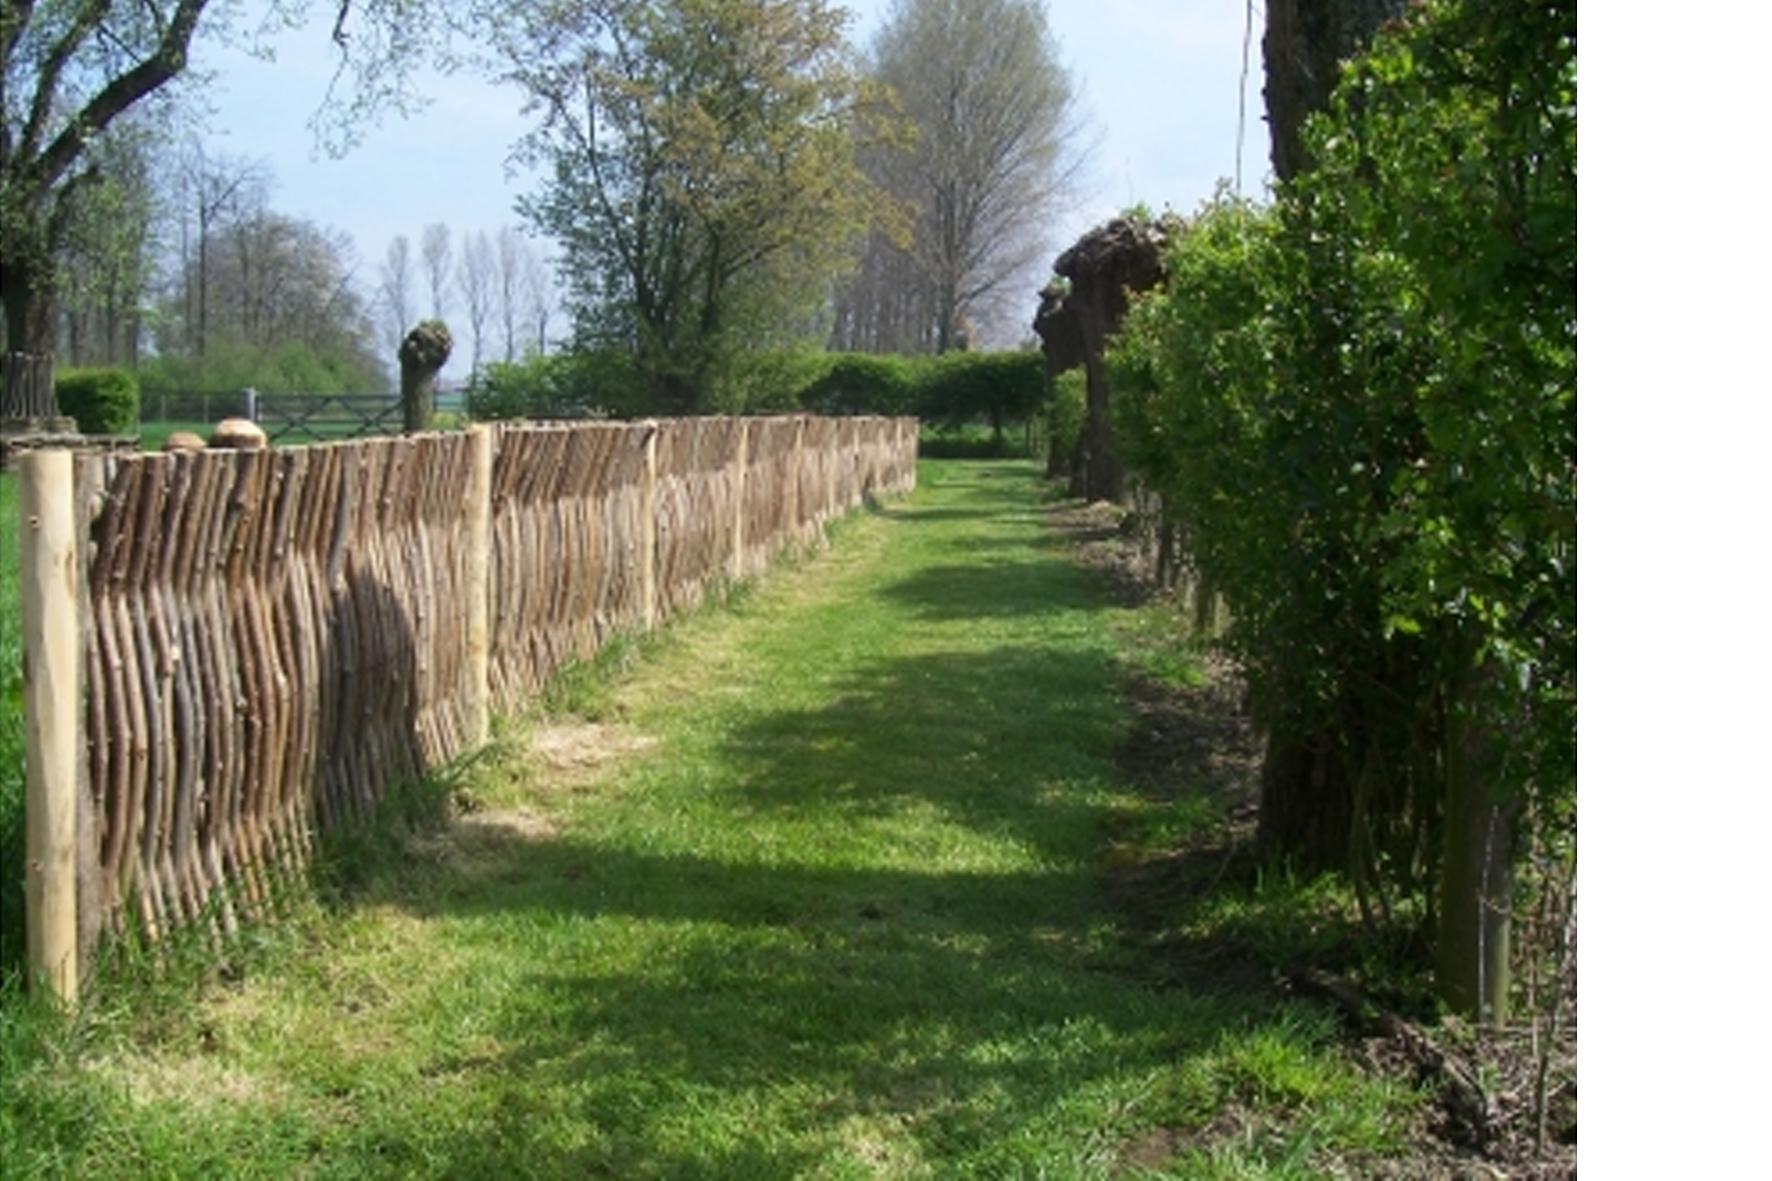 Clôture - Noisetier du rayon clôture - Achetez en ligne!